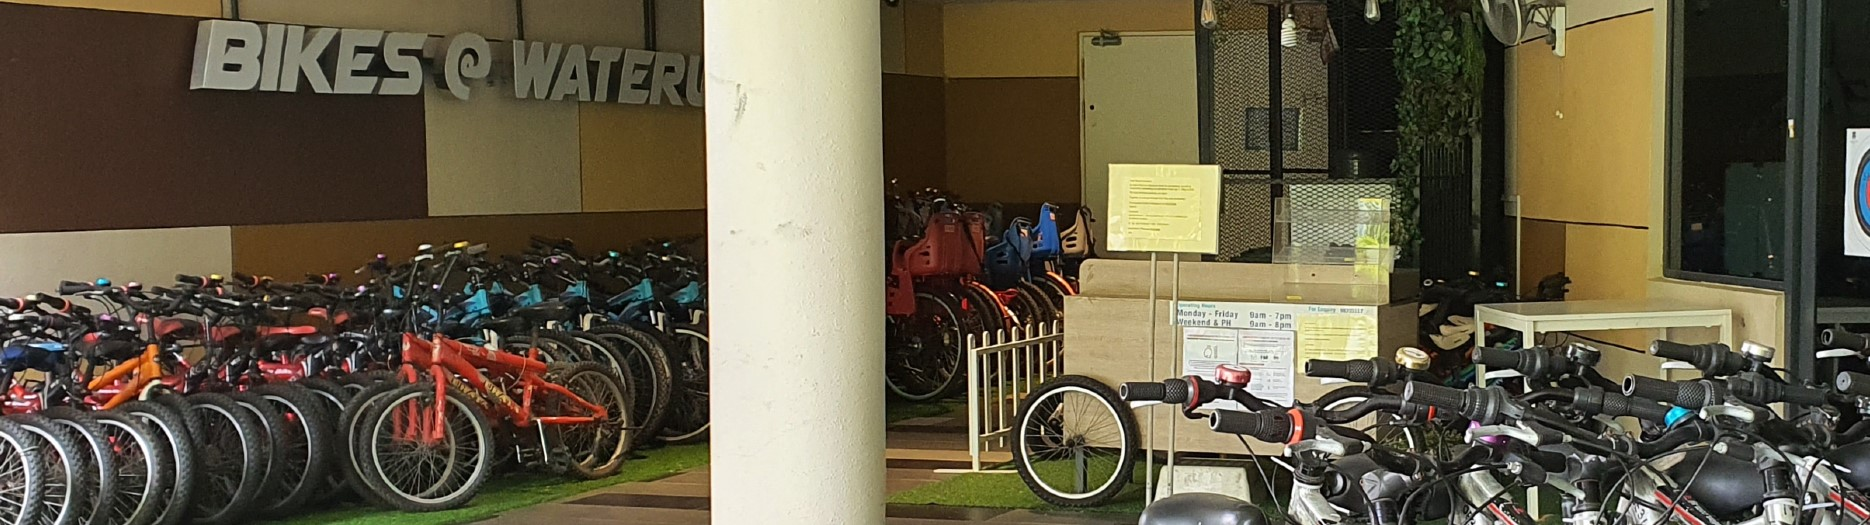 bikes at waterway 1870x525 v2